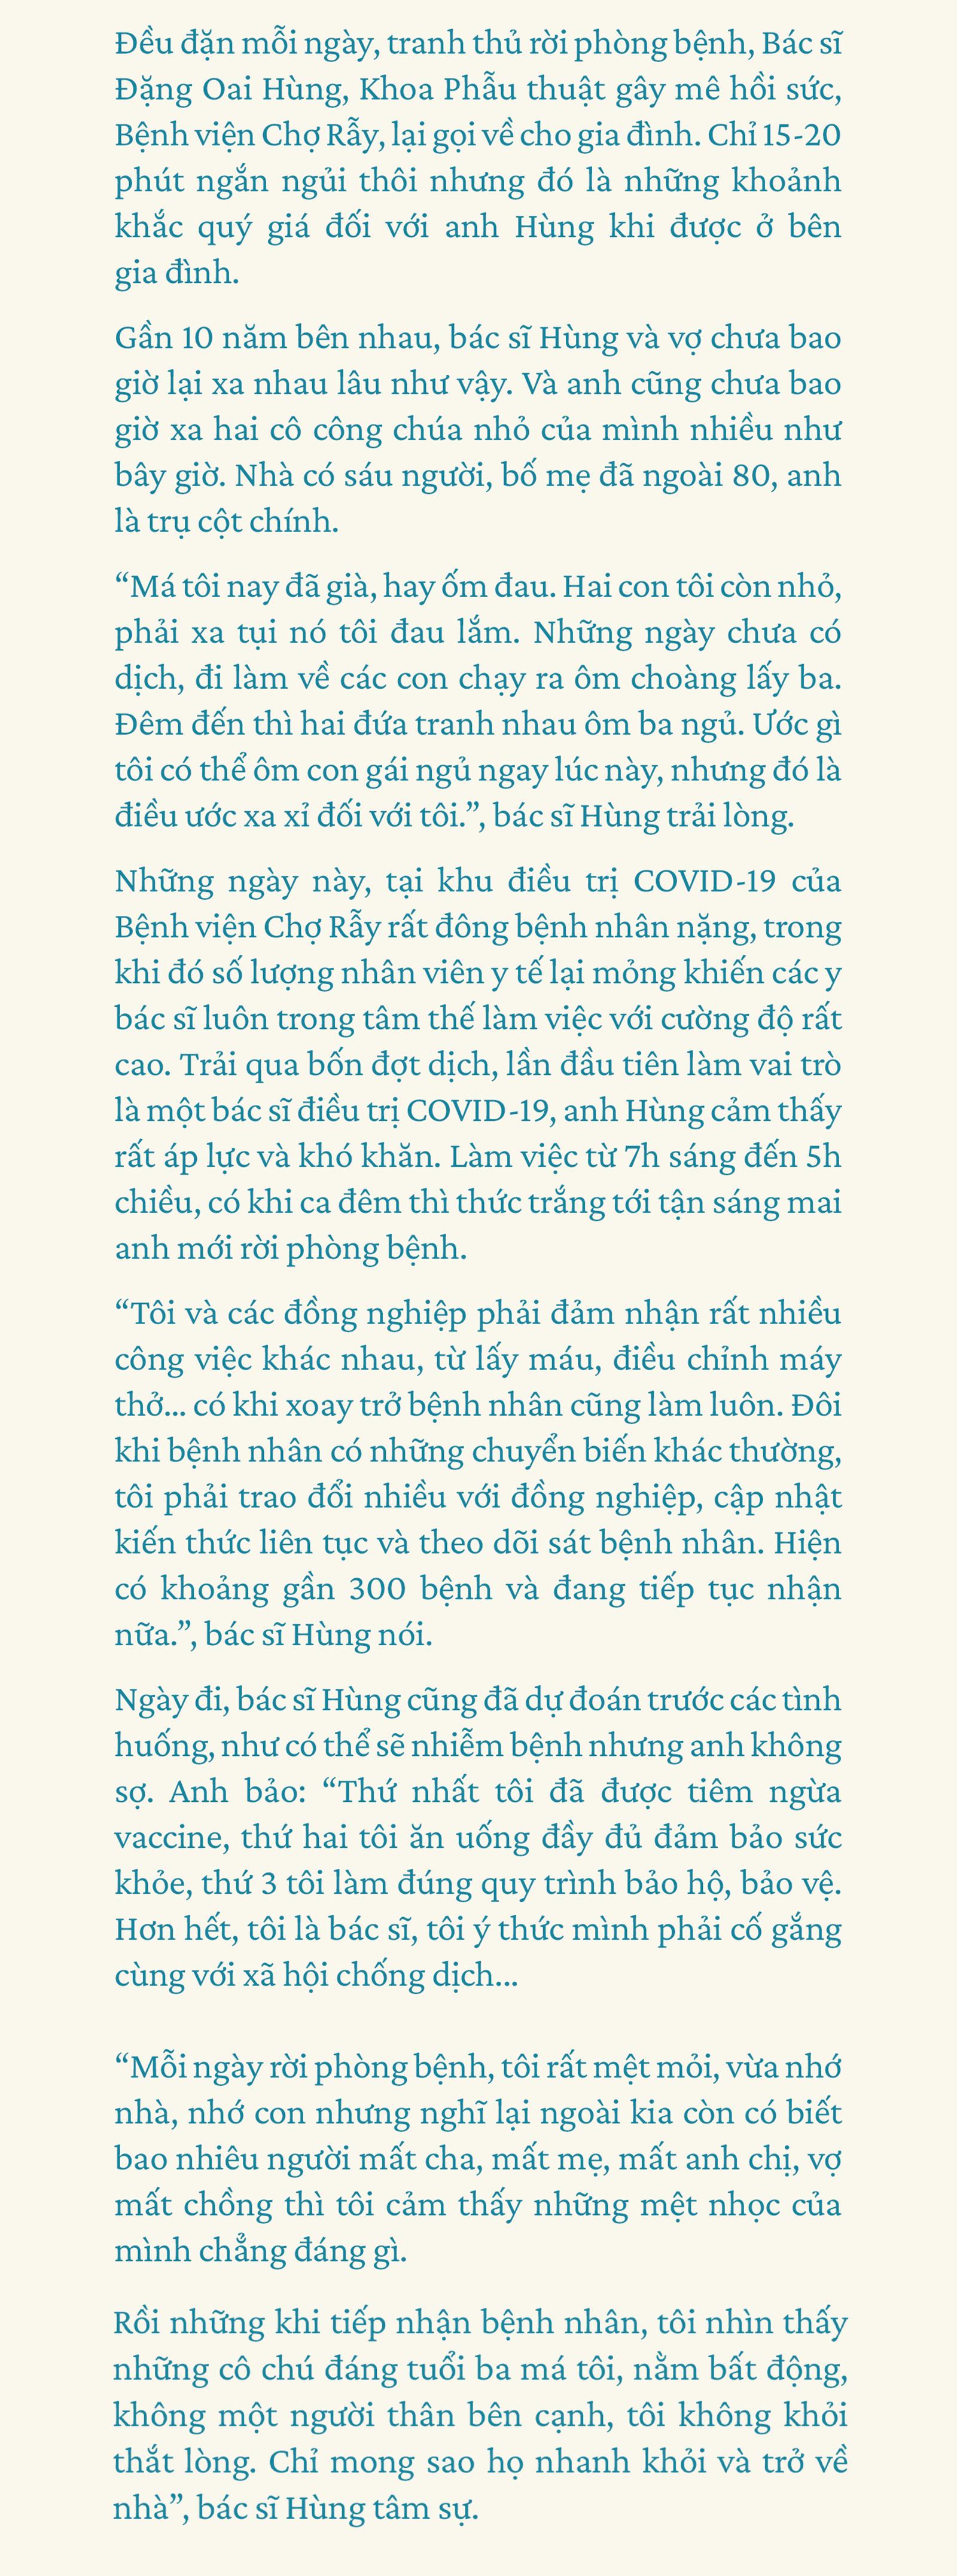 Chuyện Khu điều trị COVID-19: 'Con ở nhà ngoan, ba mẹ đi bắt 'con COVID' rồi về - ảnh 6